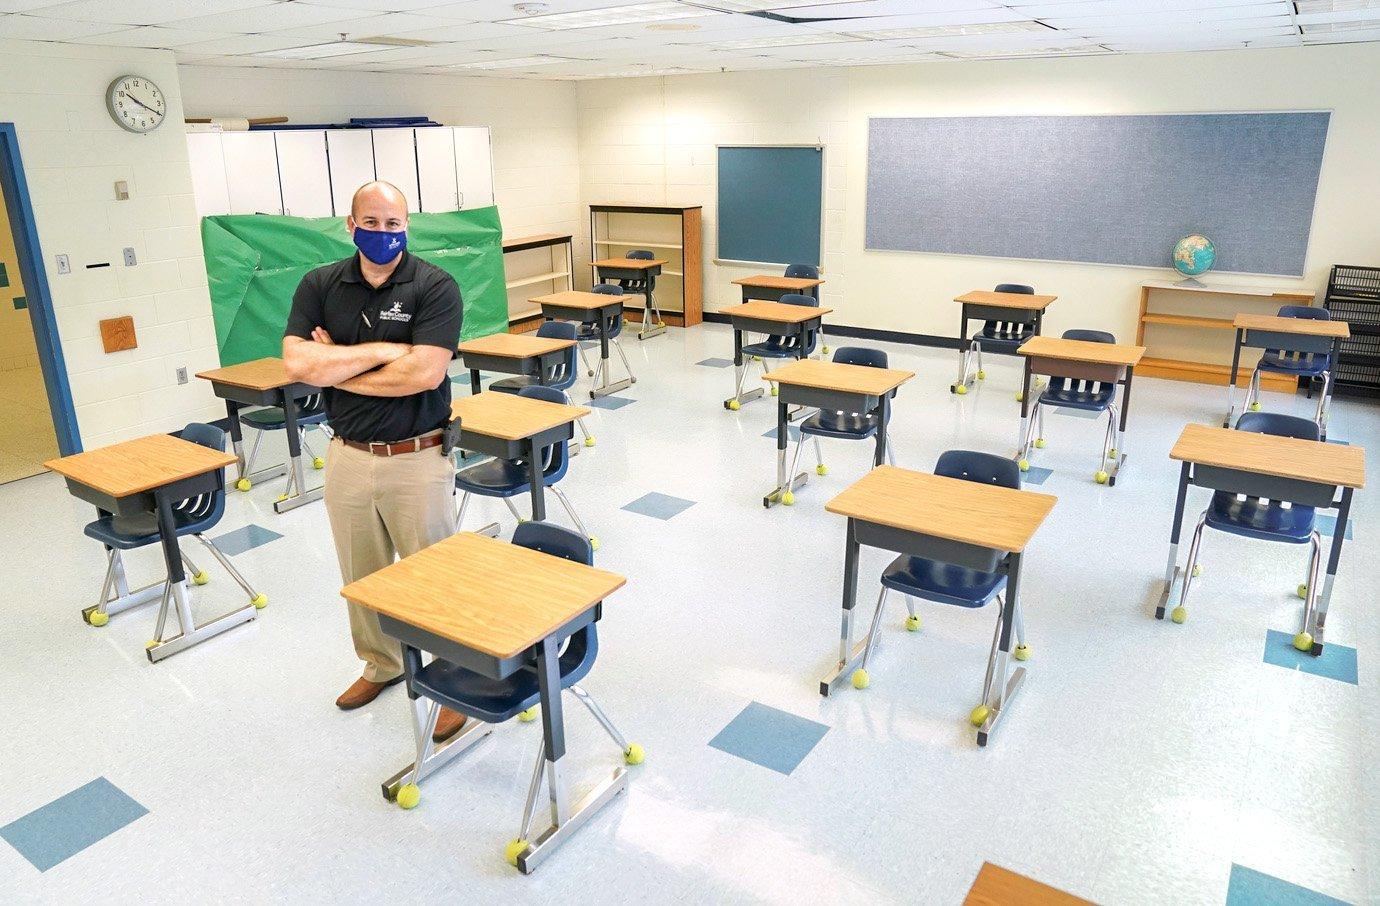 Escola na Virgínia: reabertura levanta questionamentos sobre o risco de disseminação maior da covid-19